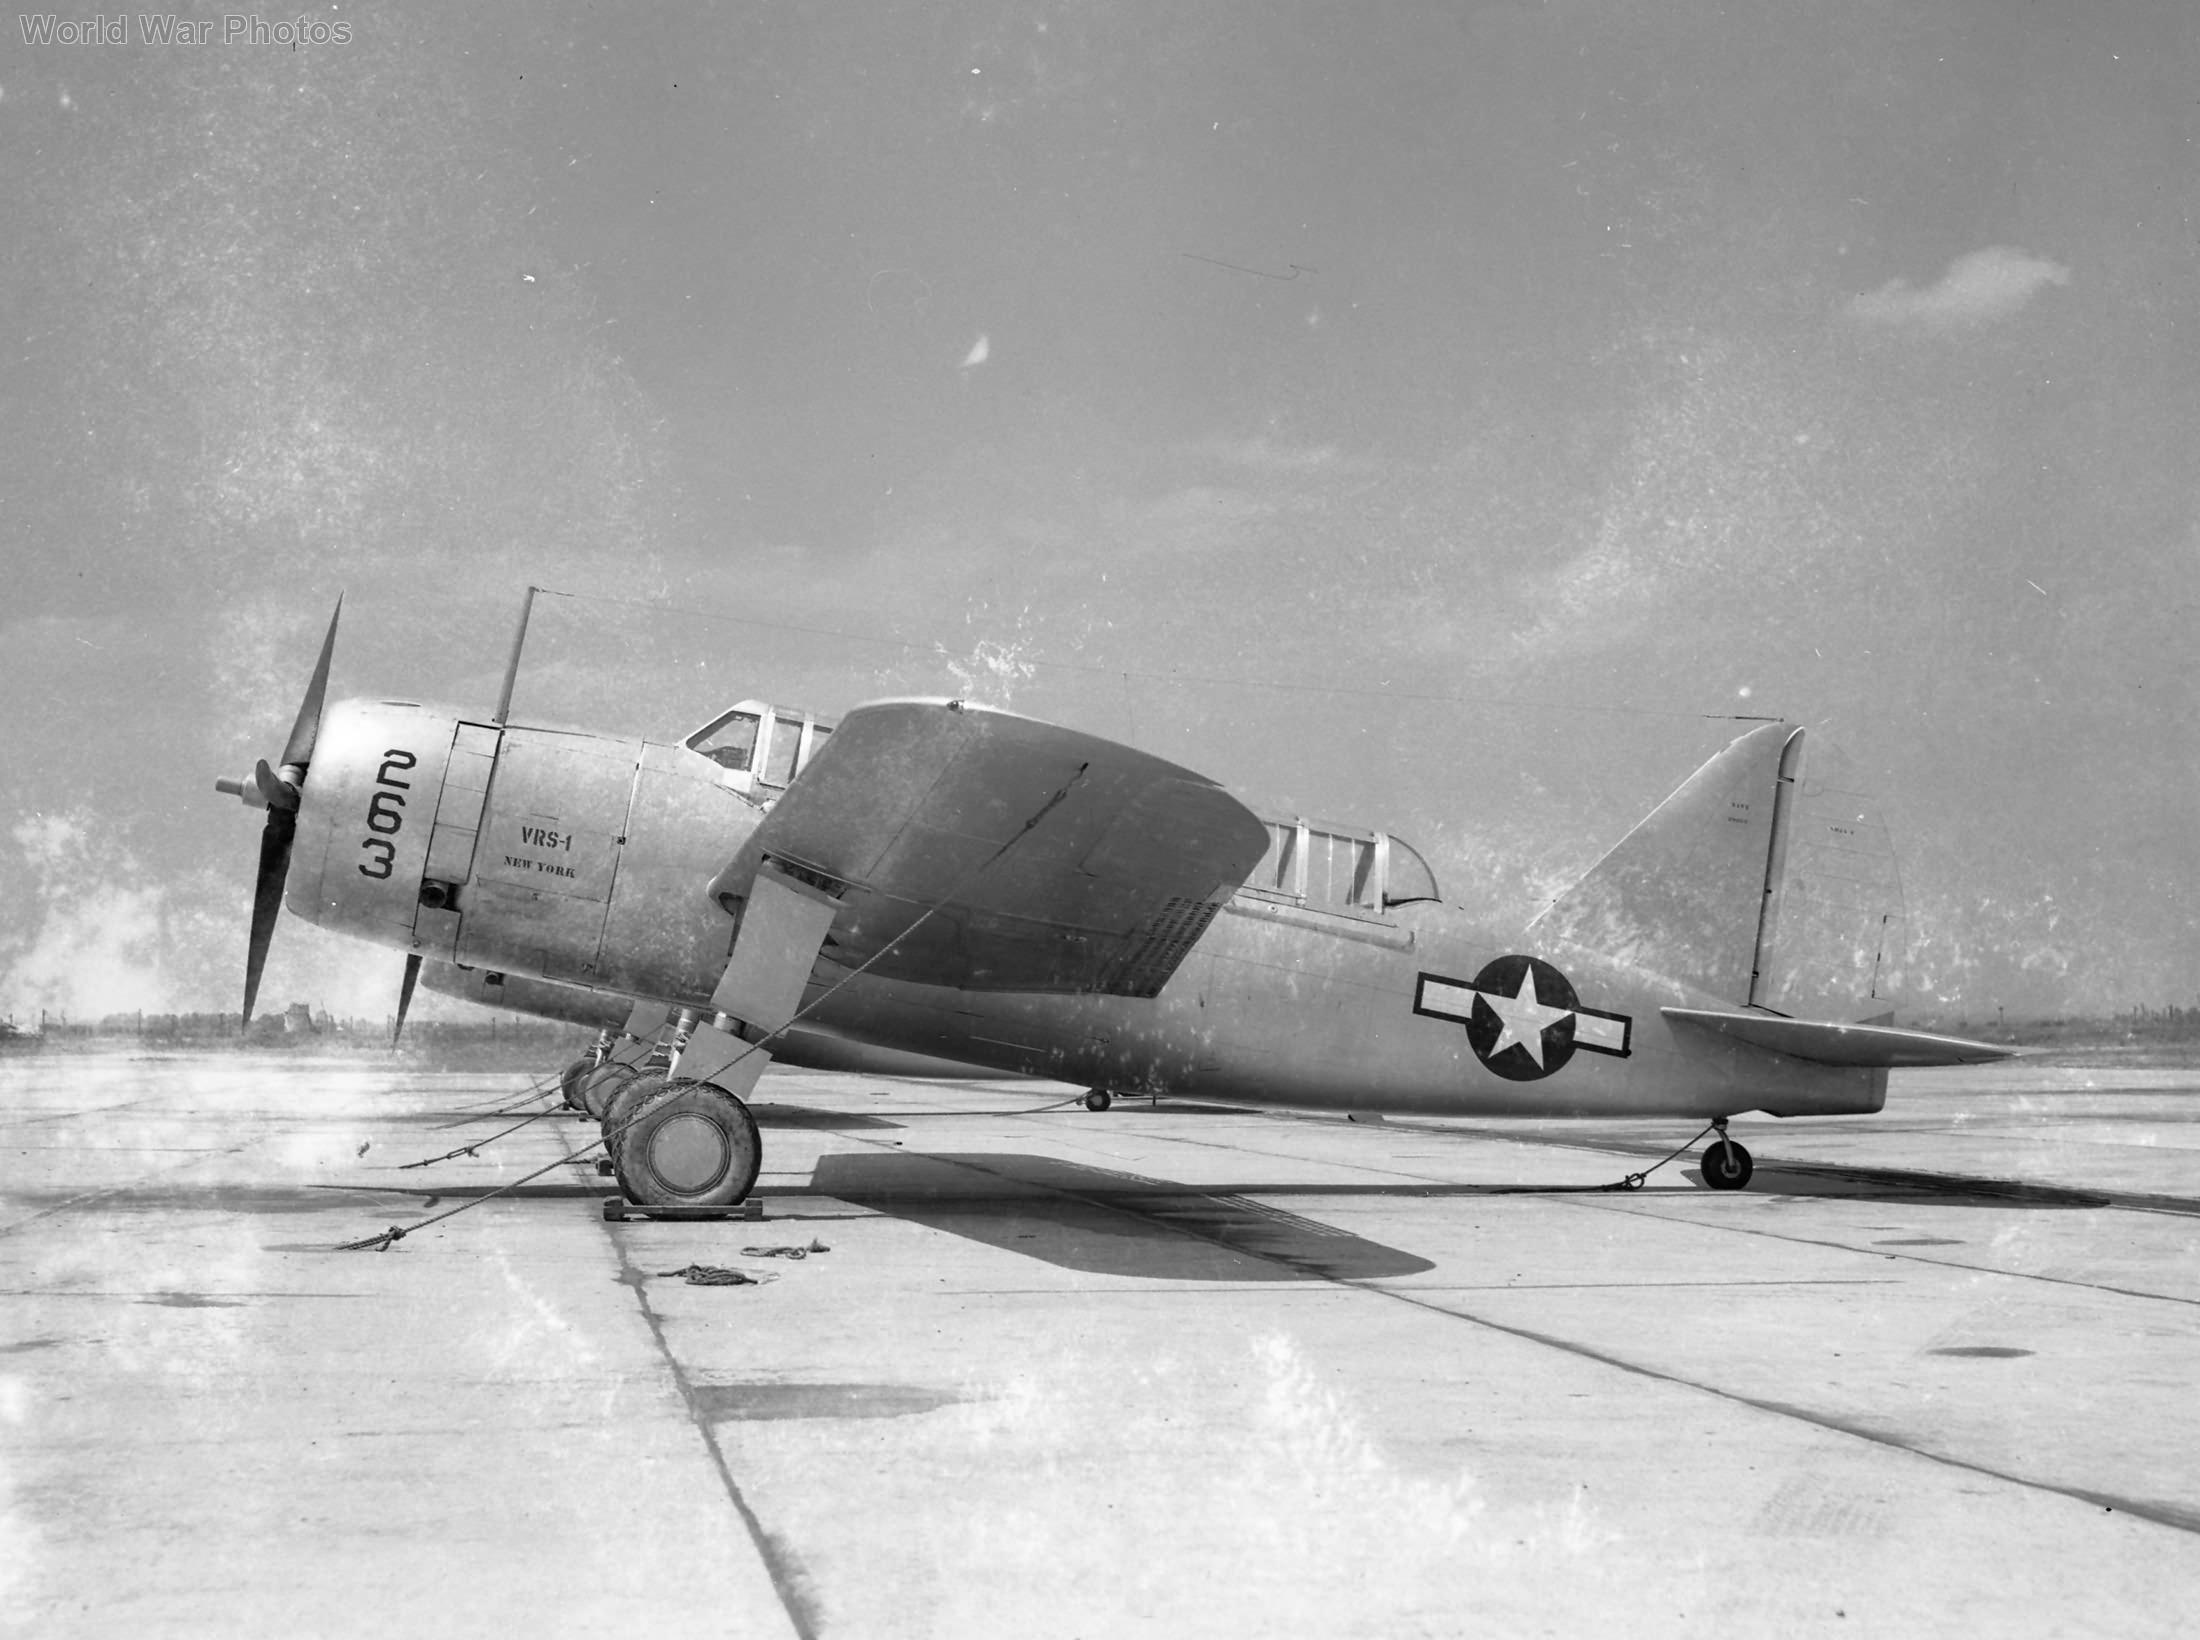 SB2A-4 29263 May 1944